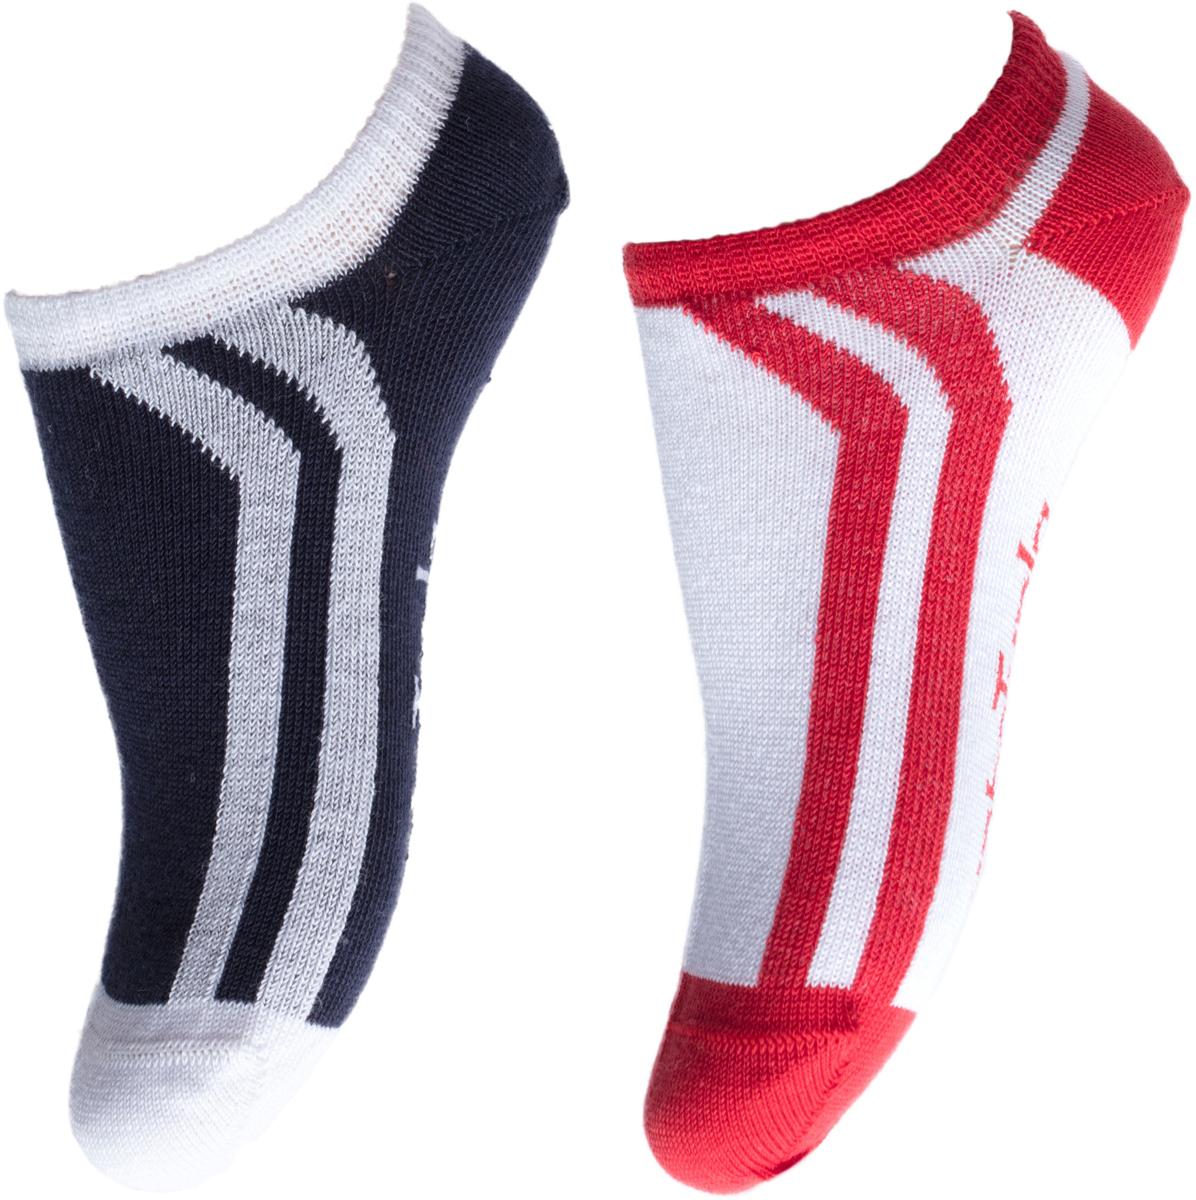 Носки для мальчика PlayToday, цвет: темно-синий, 2 пары. 181029. Размер 22181029Носки мягкие, из натуральных материалов. Хорошо пропускают воздух позволяя коже дышать. Укороченные модели выполнены в технике - yarn dyed - в процессе производства в полотне используются разного цвета нити. Изделия, при рекомендуемом уходе, не линяют и надолго остаются в первоначальном виде.